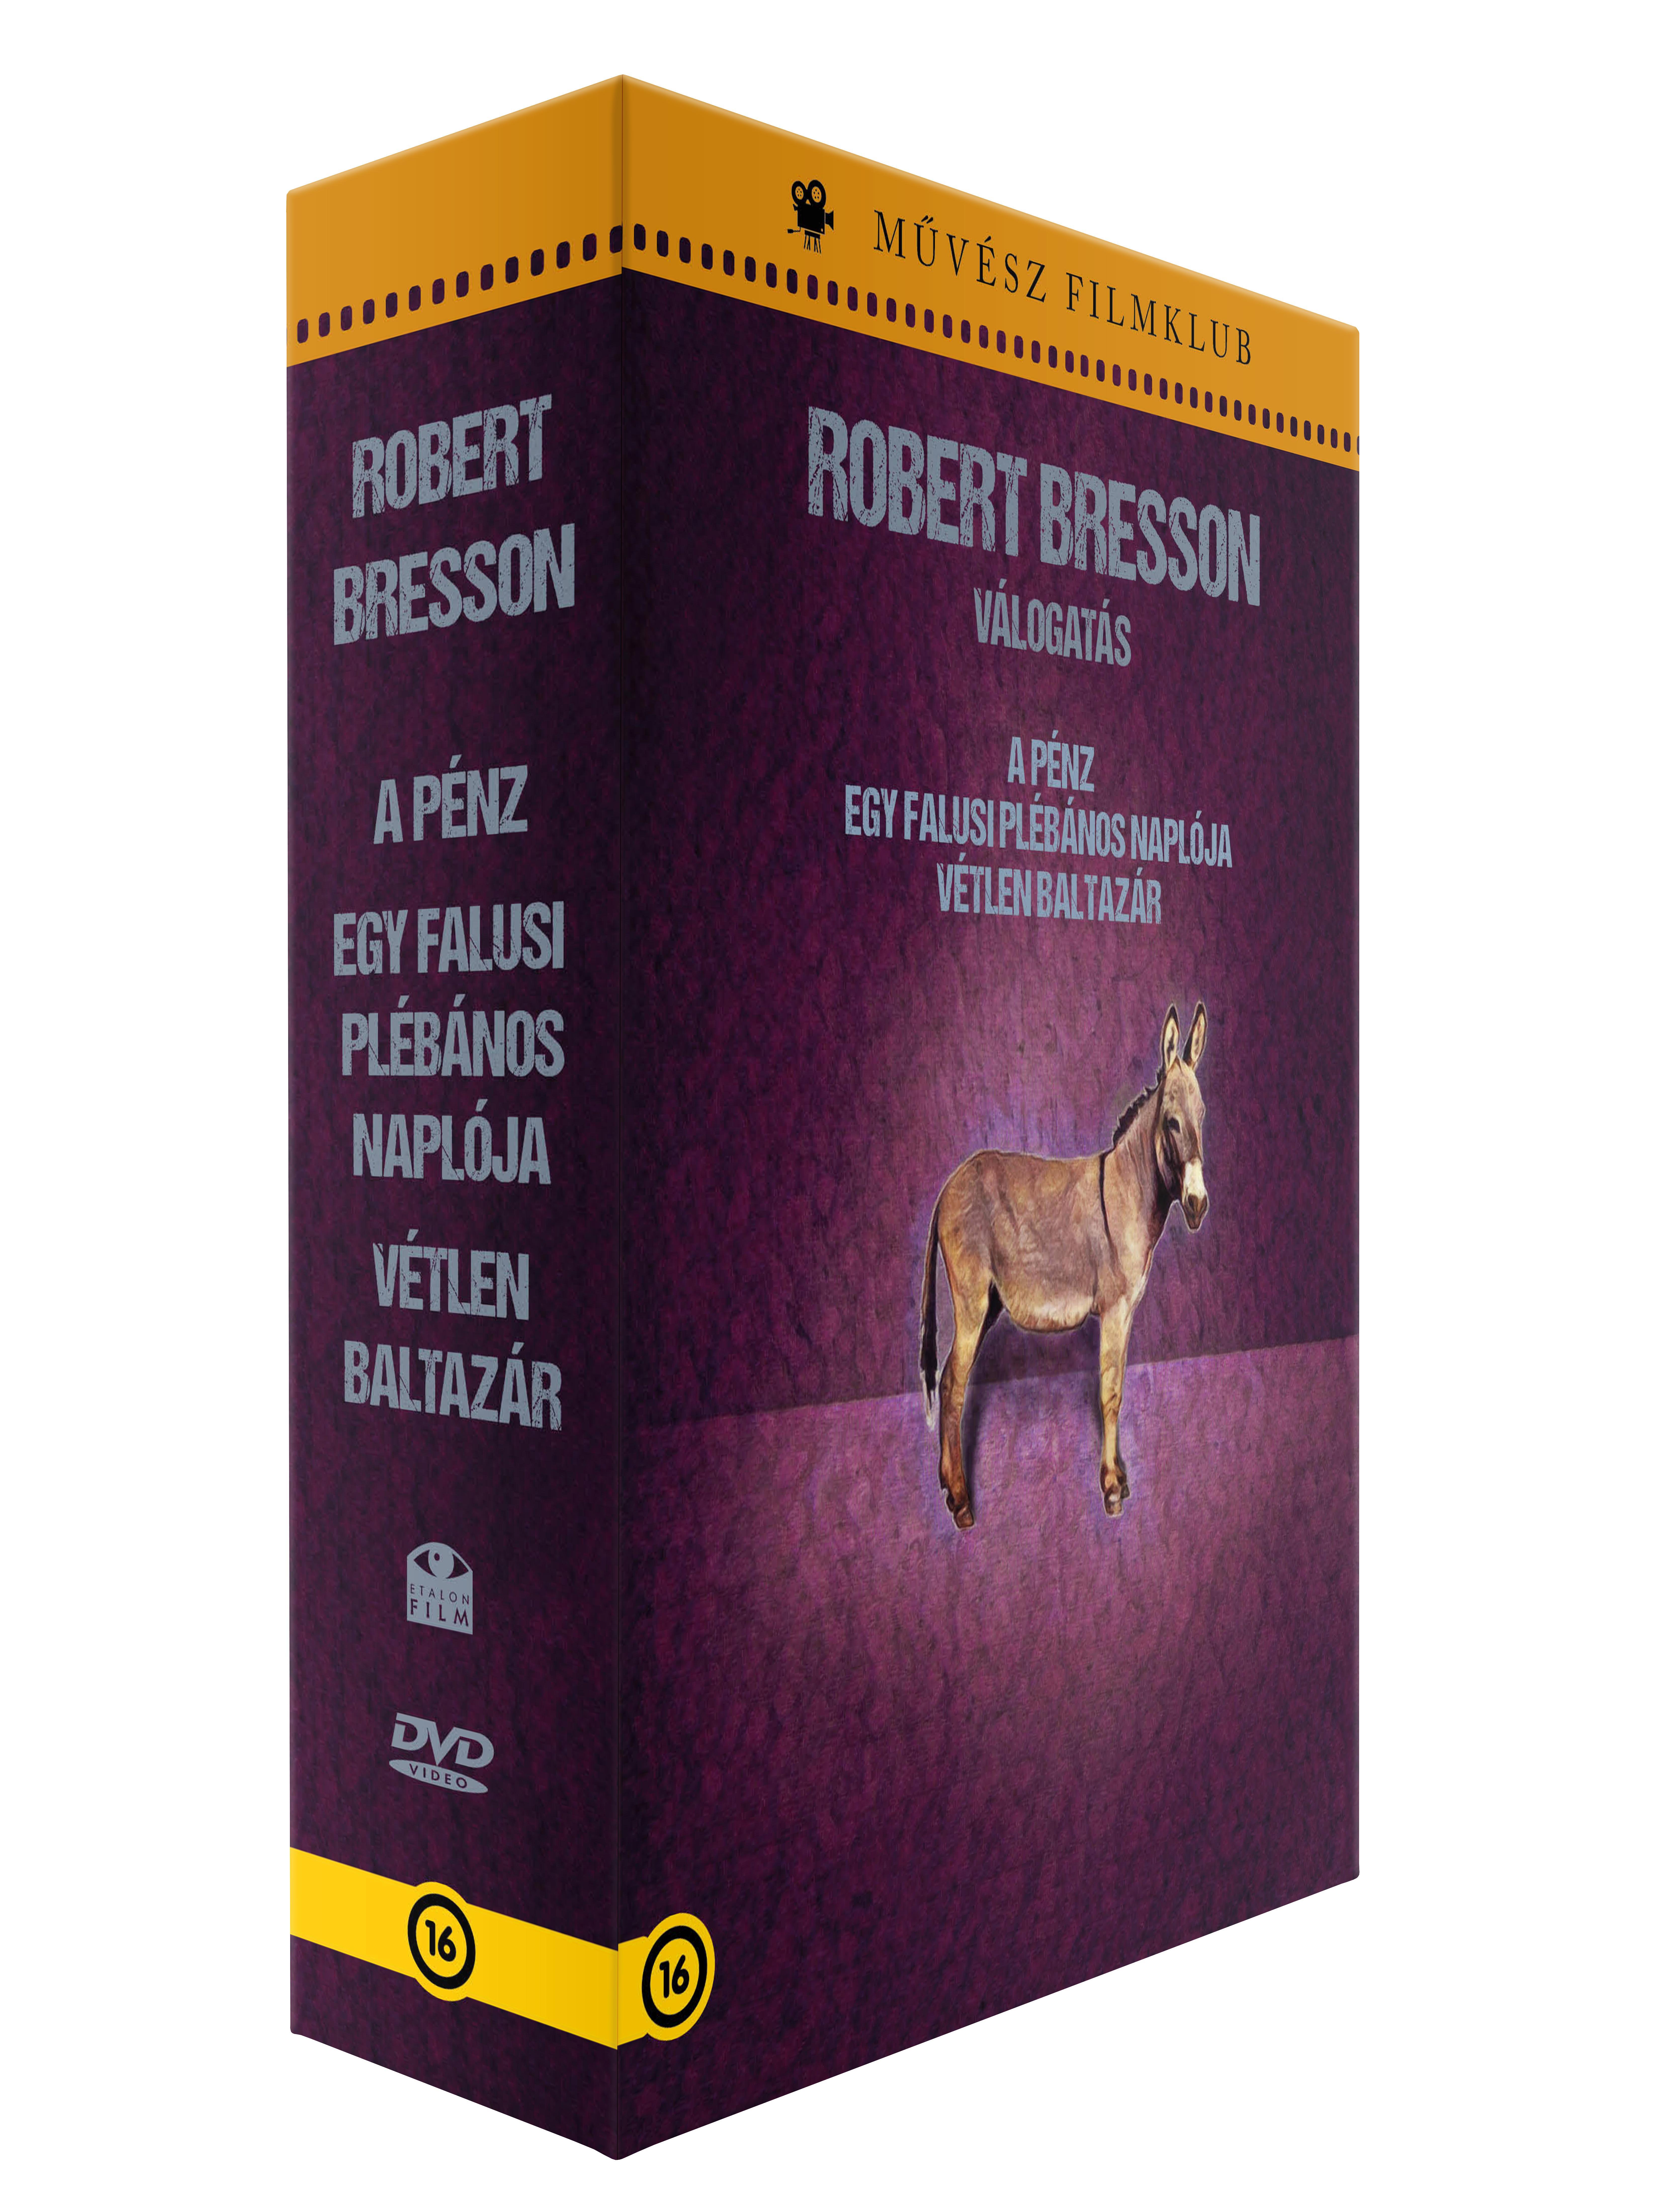 ROBERT BRESSON - ROBERT BRESSON VÁLOGATÁS (A FRANCIA FILMMŰVÉSZET REMEKEI I.) - DVD (DÍSZDOBOZ)